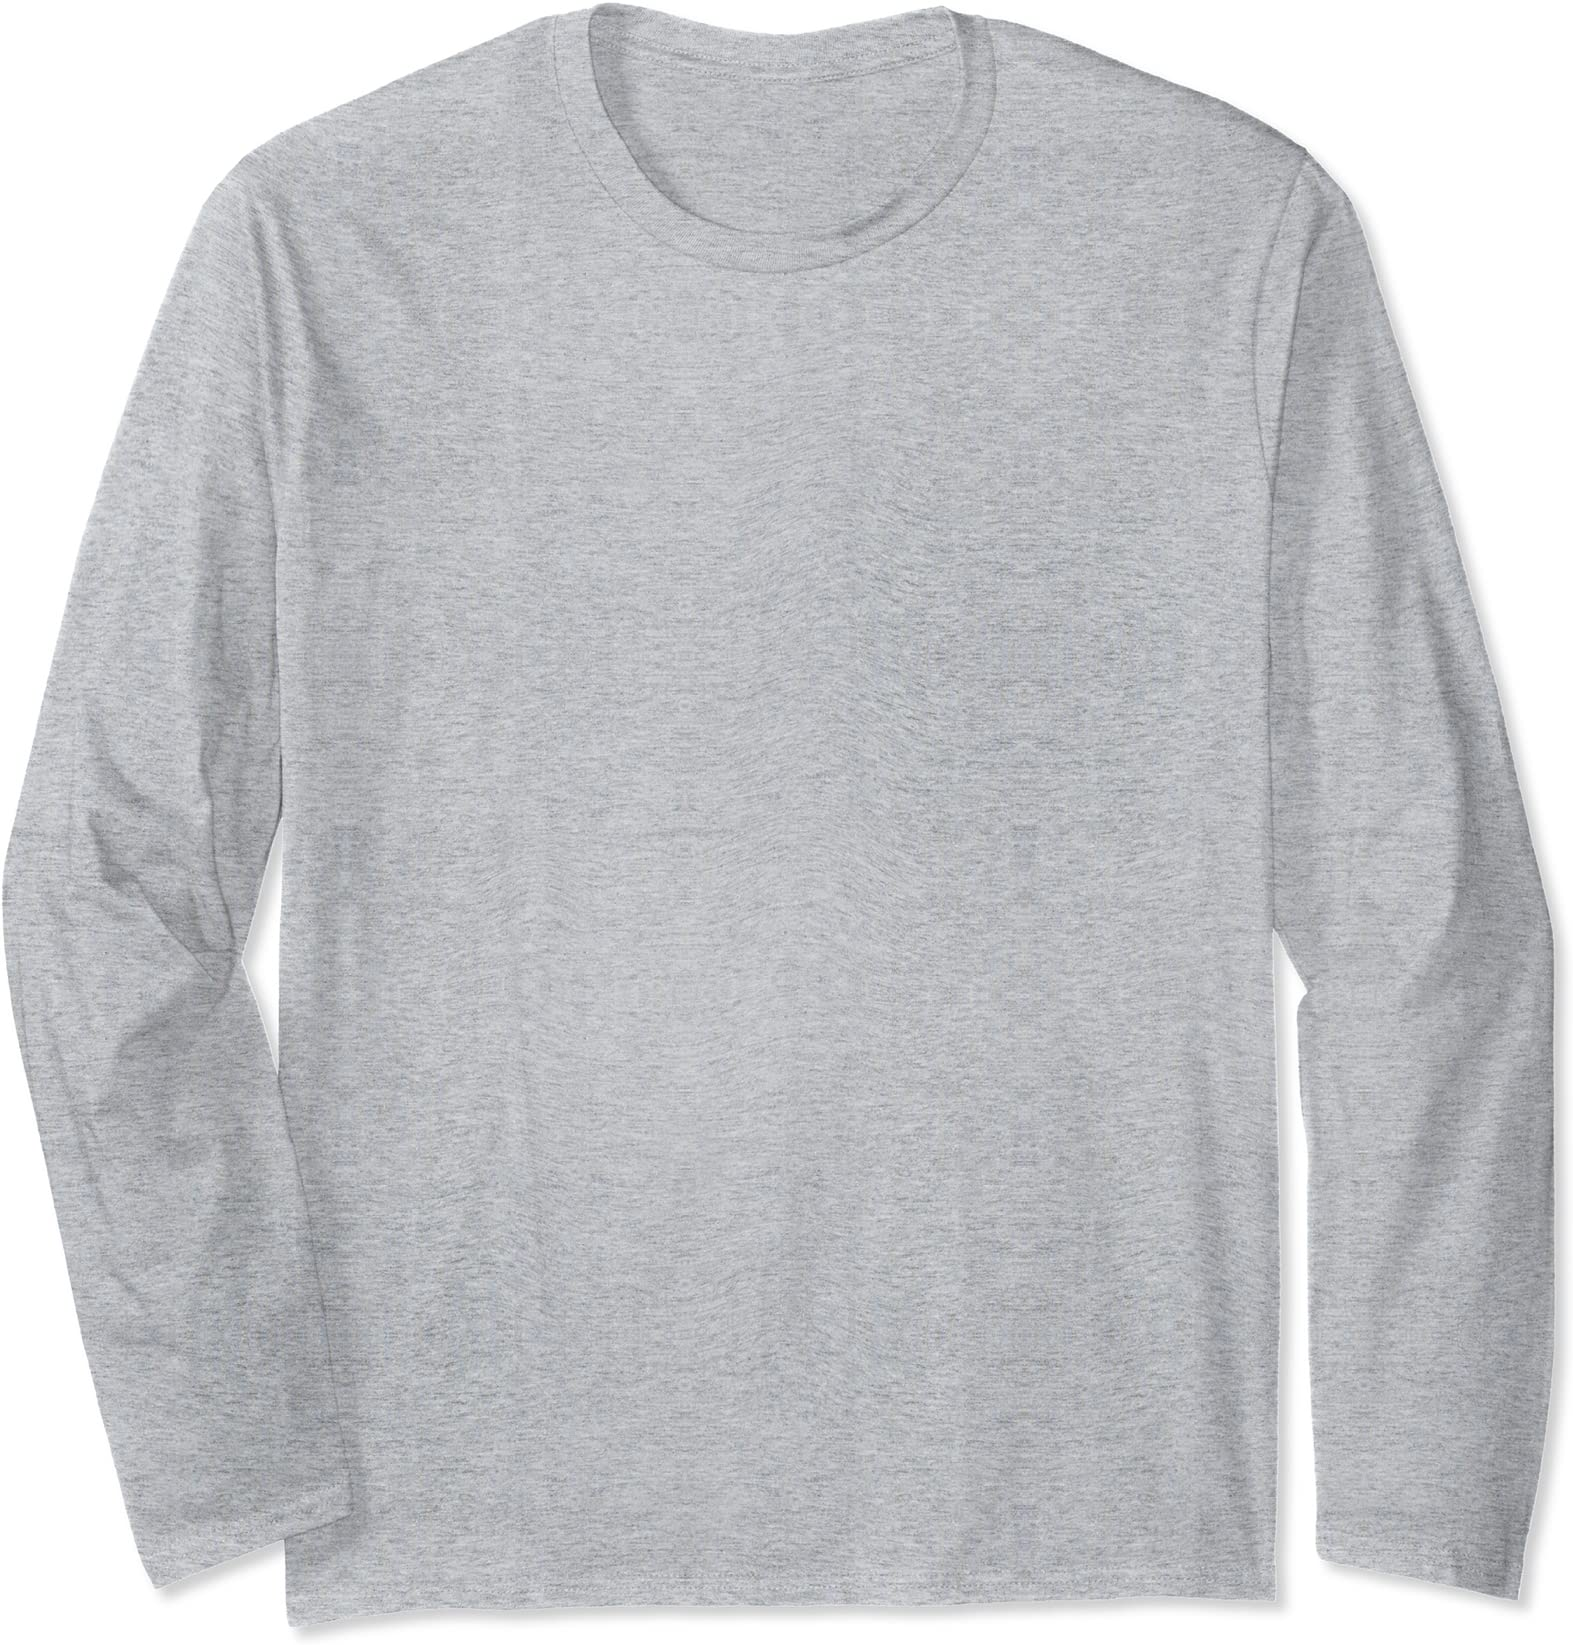 Nap Queen Sweatshirt Funny Sleeping Lazy Sleepy Gift Fashion Unisex Jumper Top